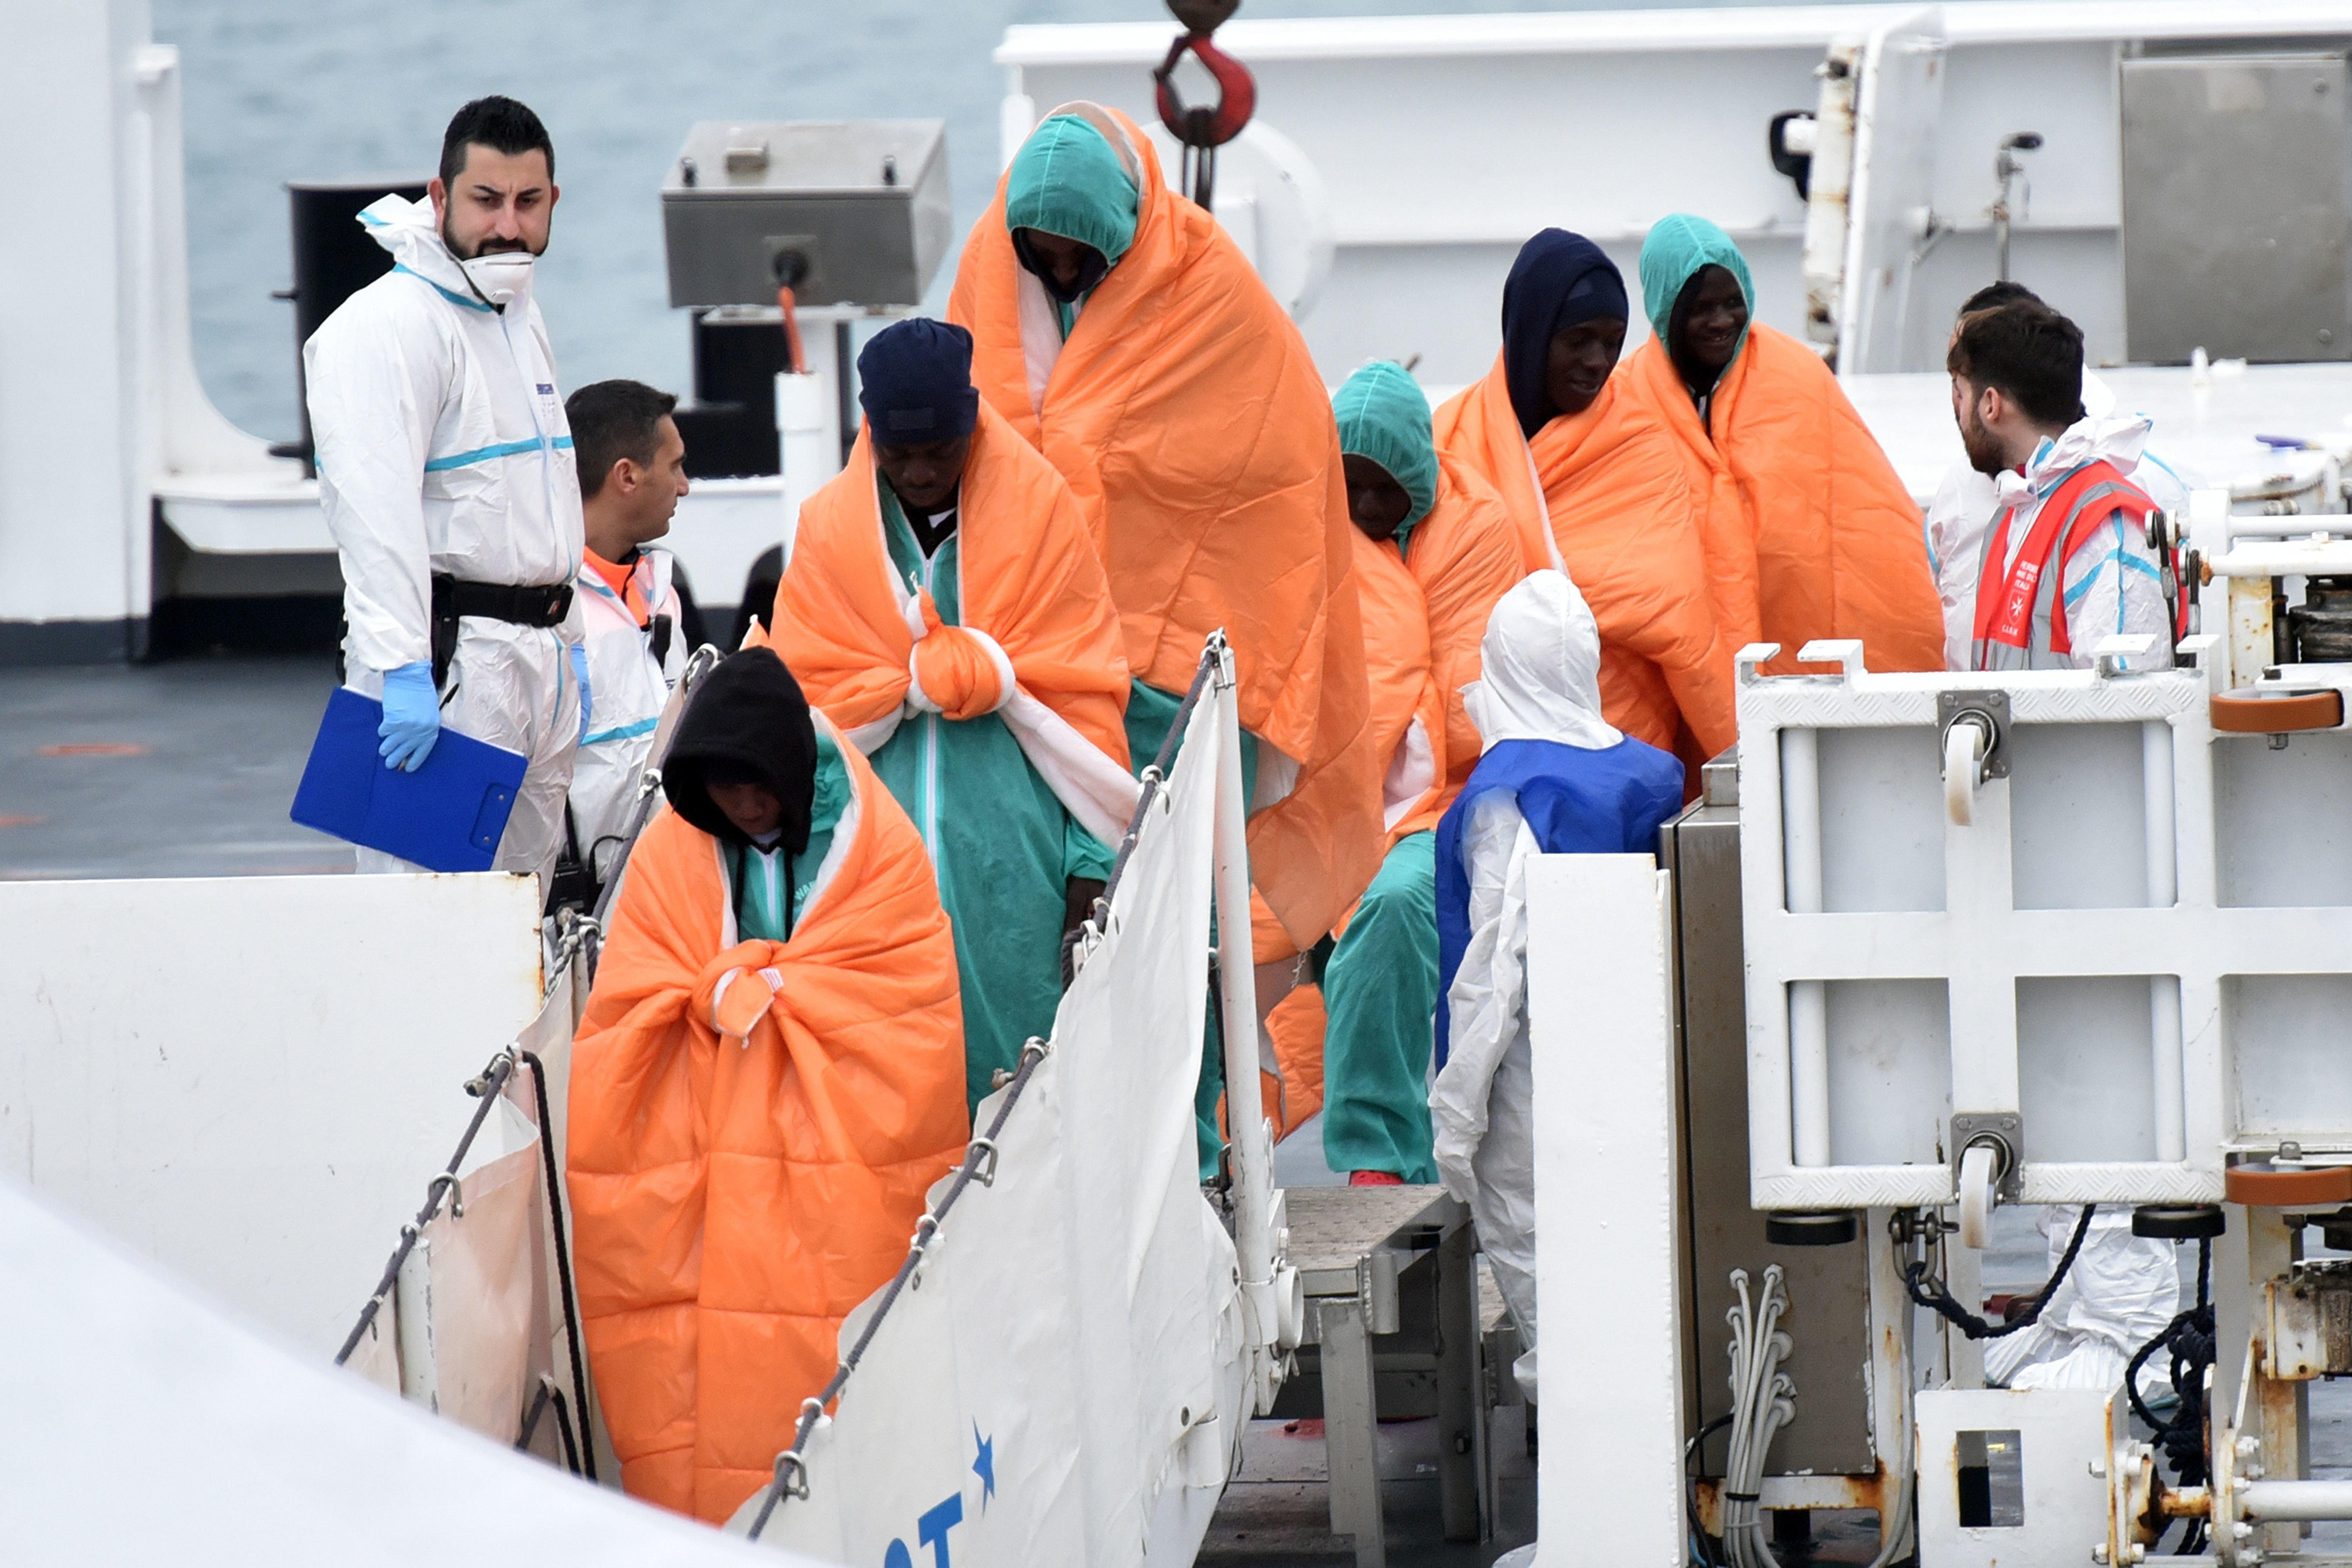 Σχεδόν 9.000 μετανάστες από χώρες της Αφρικής και της Ασίας, επαναπατρίστηκαν το πρώτο 6μηνο του 2018,...